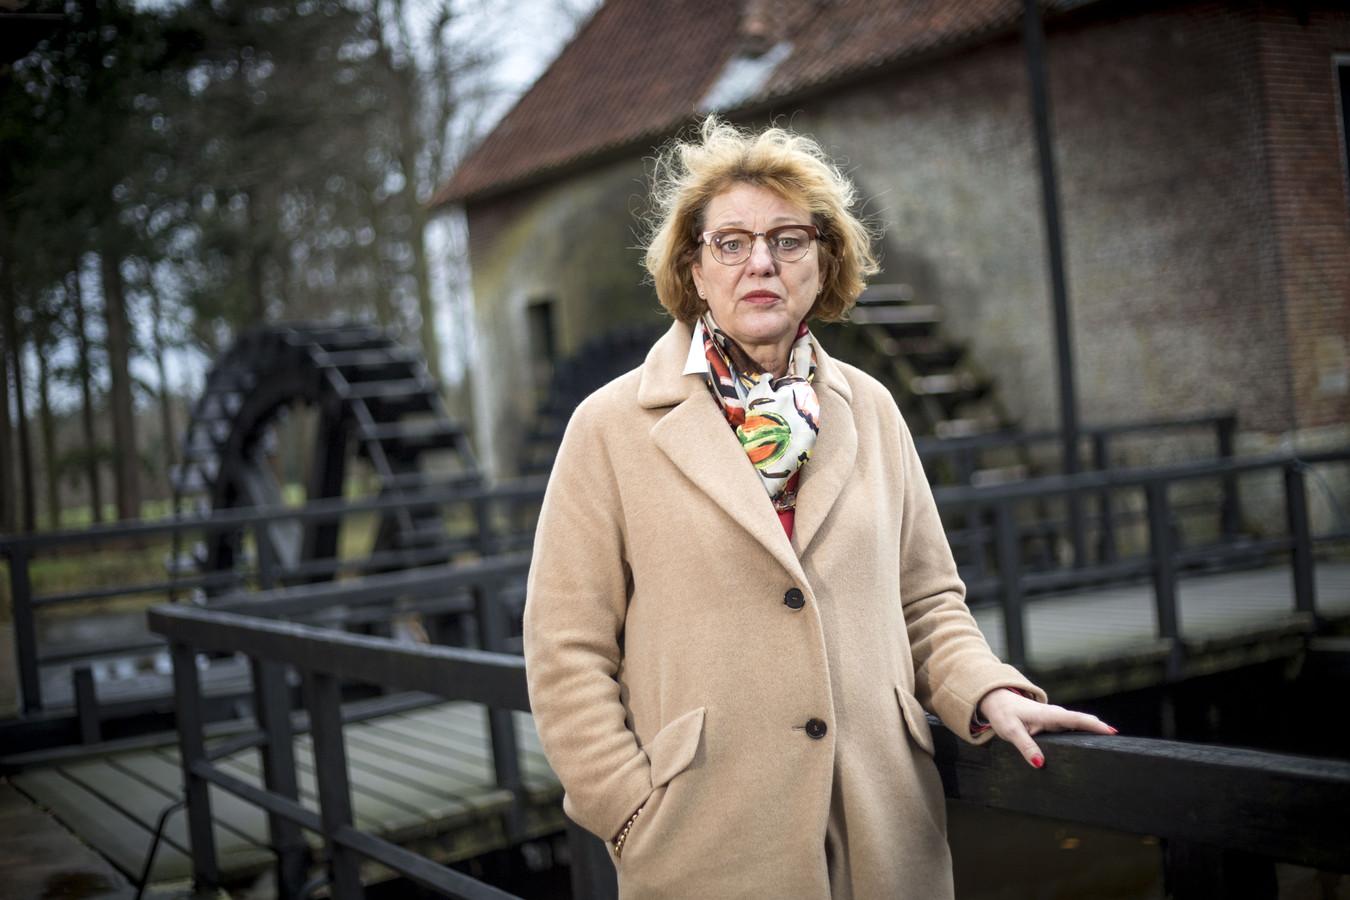 Waarnemend burgemeester Ineke Bakker, hier op archiefbeeld, noemt de gezonken vissersboot een drama voor Urk